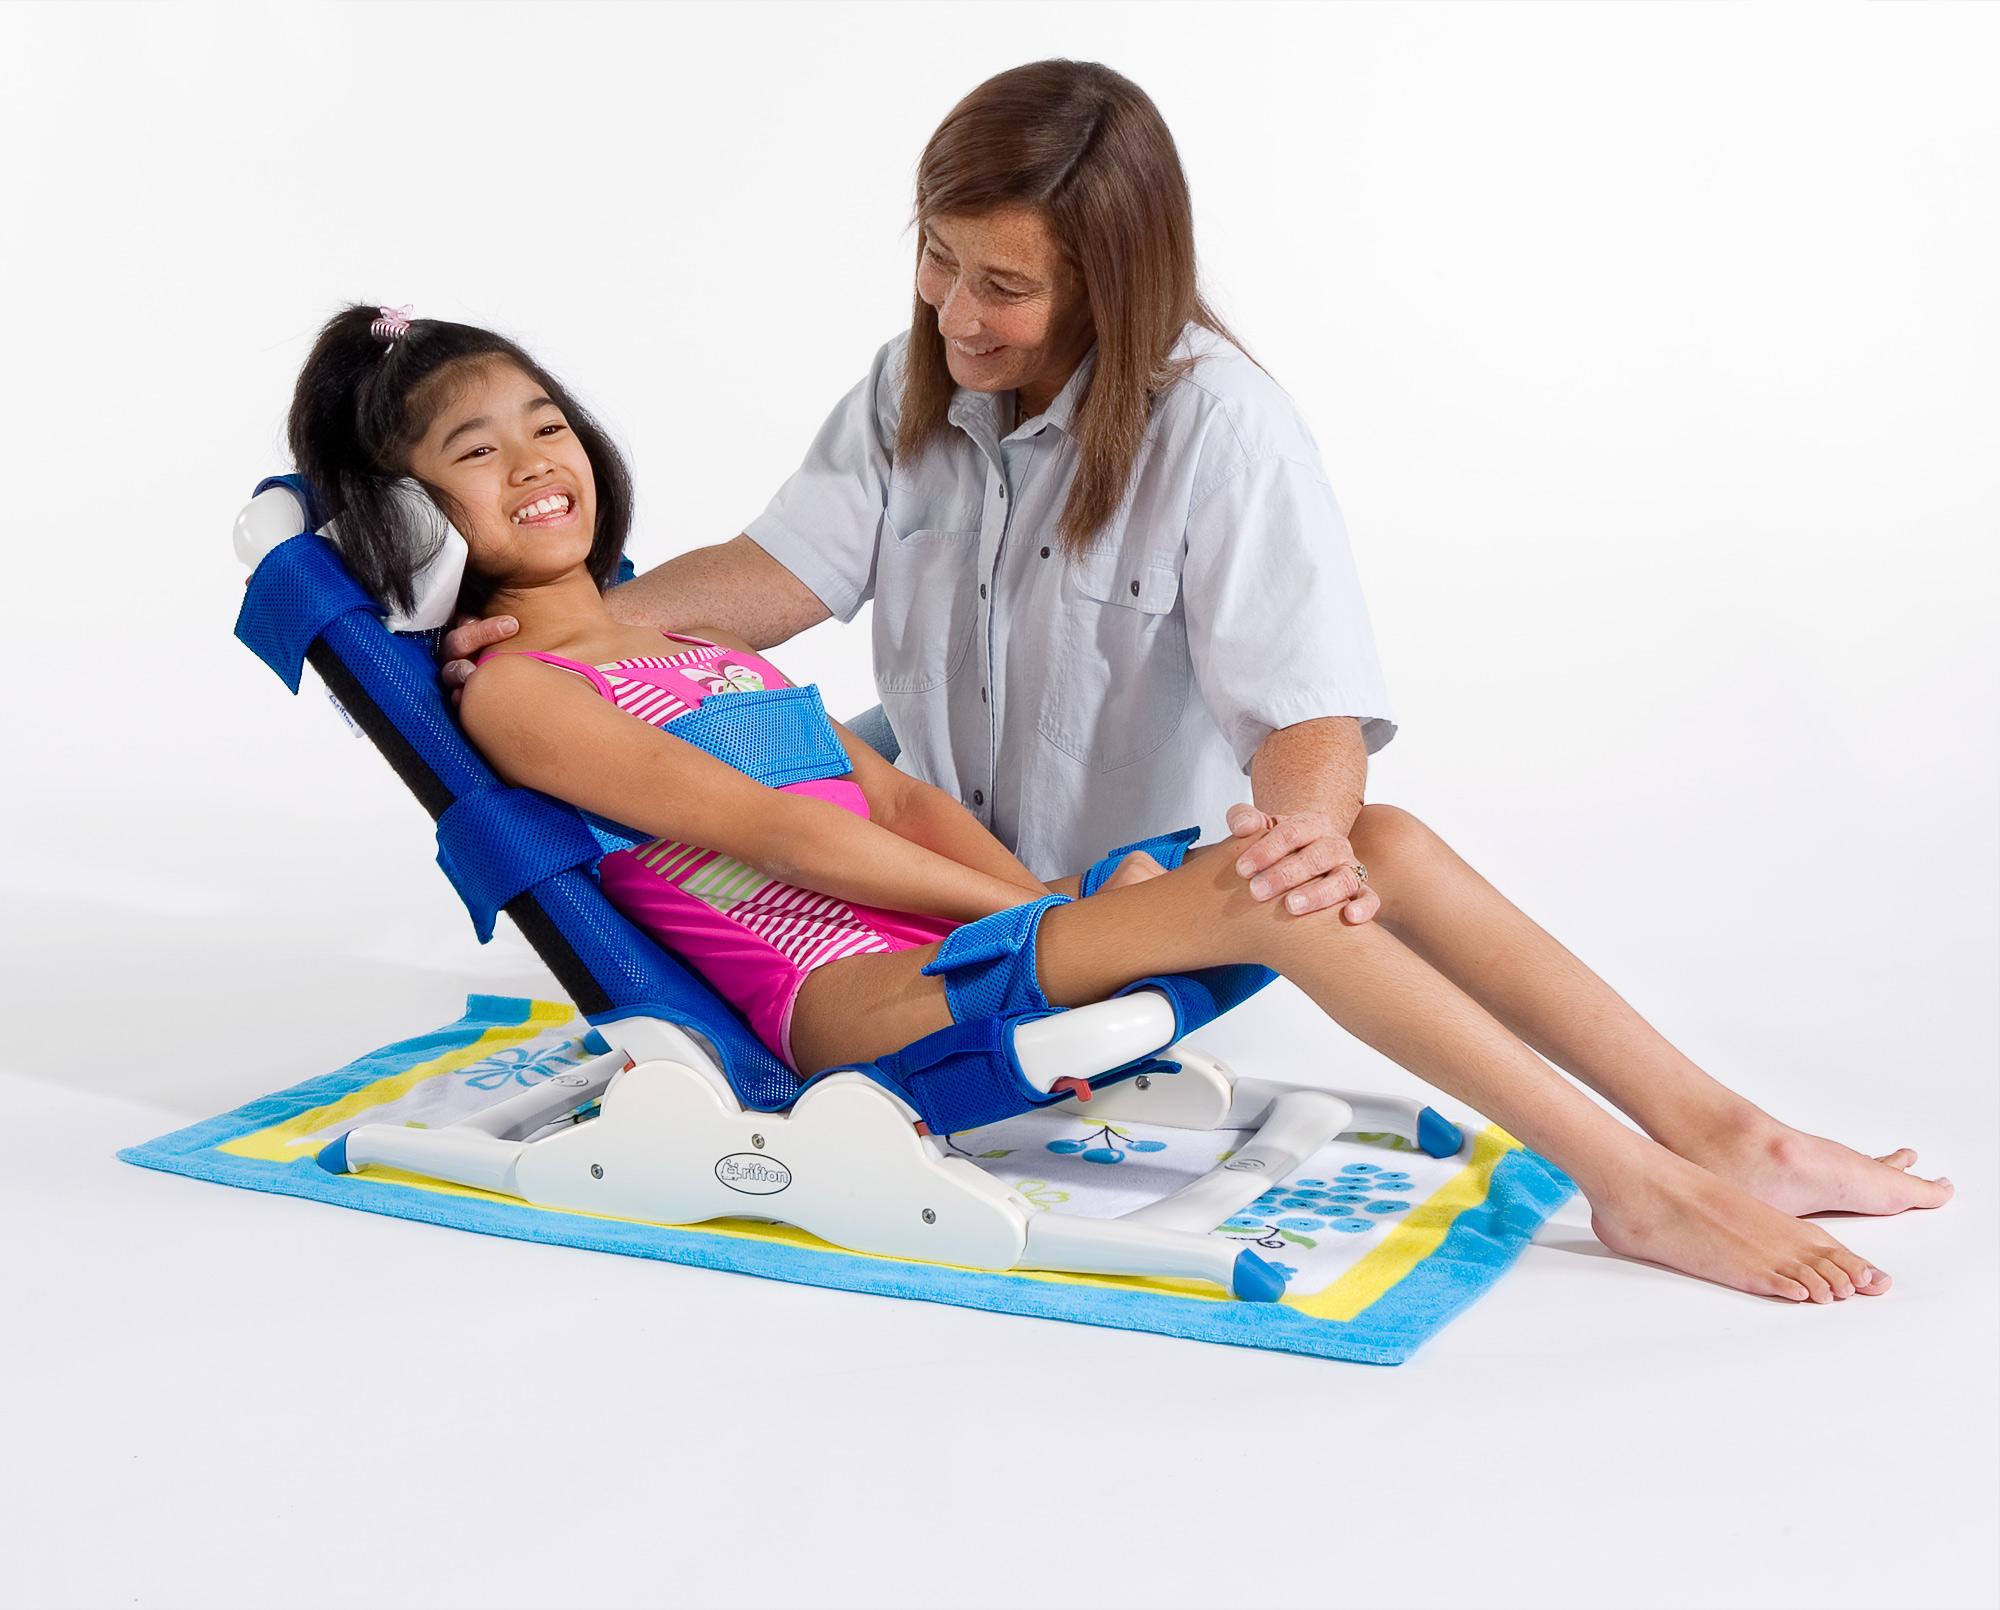 Rifton Chair BathBath Chair For Toddlers   Mobroi com. Shibaba Baby Toddler Bath Tub Ring Seat Chair. Home Design Ideas